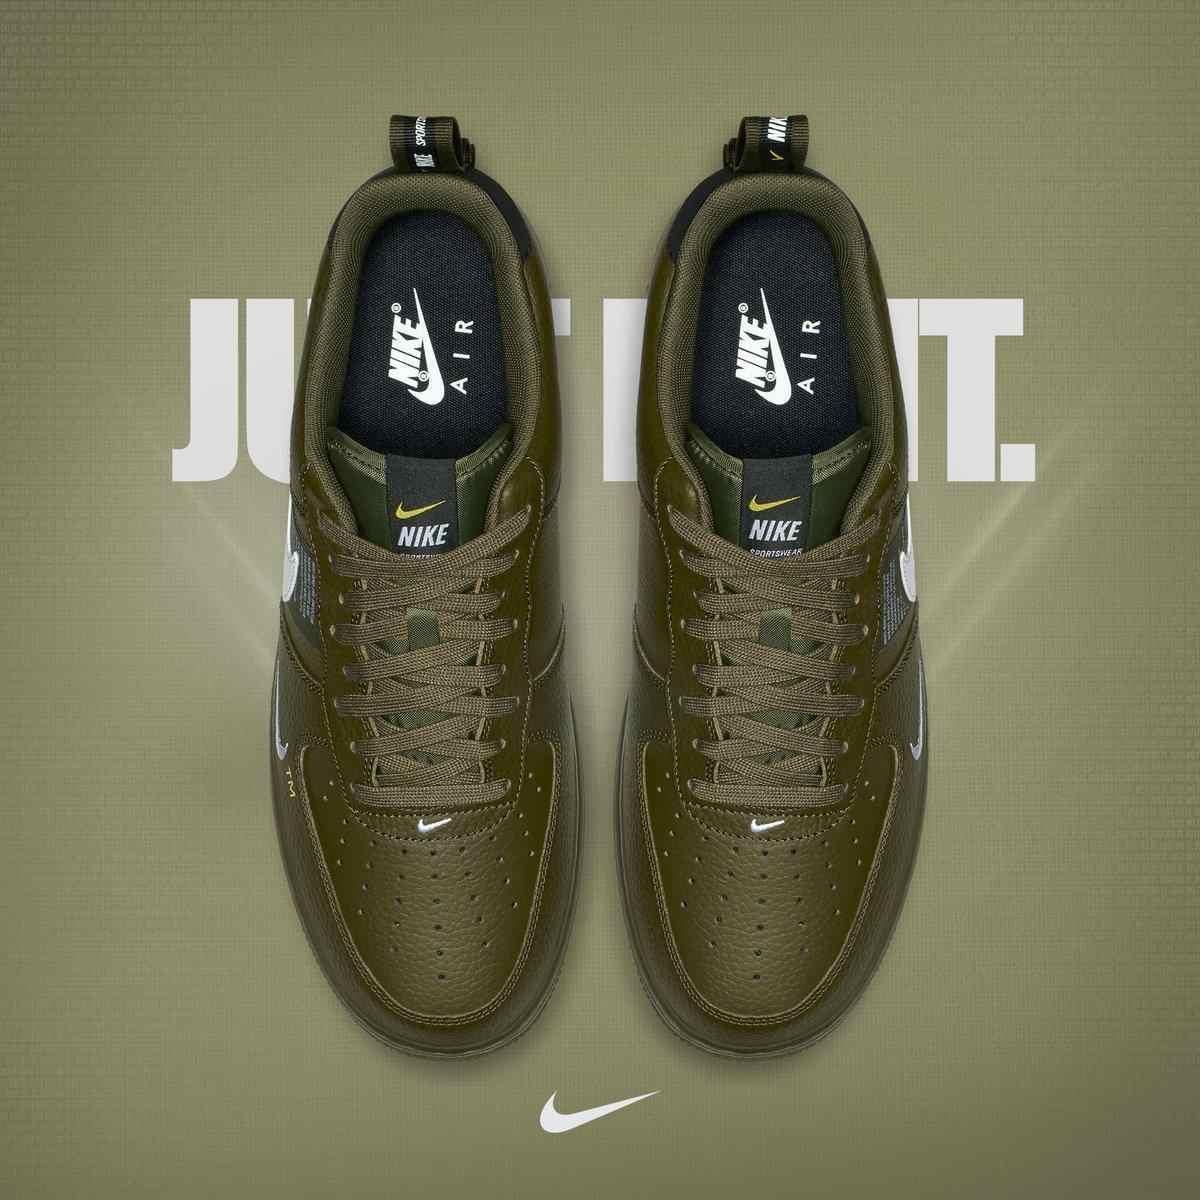 Nike Air Force AF1 Original nouveauté hommes chaussures de skate cuir sport extérieur baskets # AJ7747-300